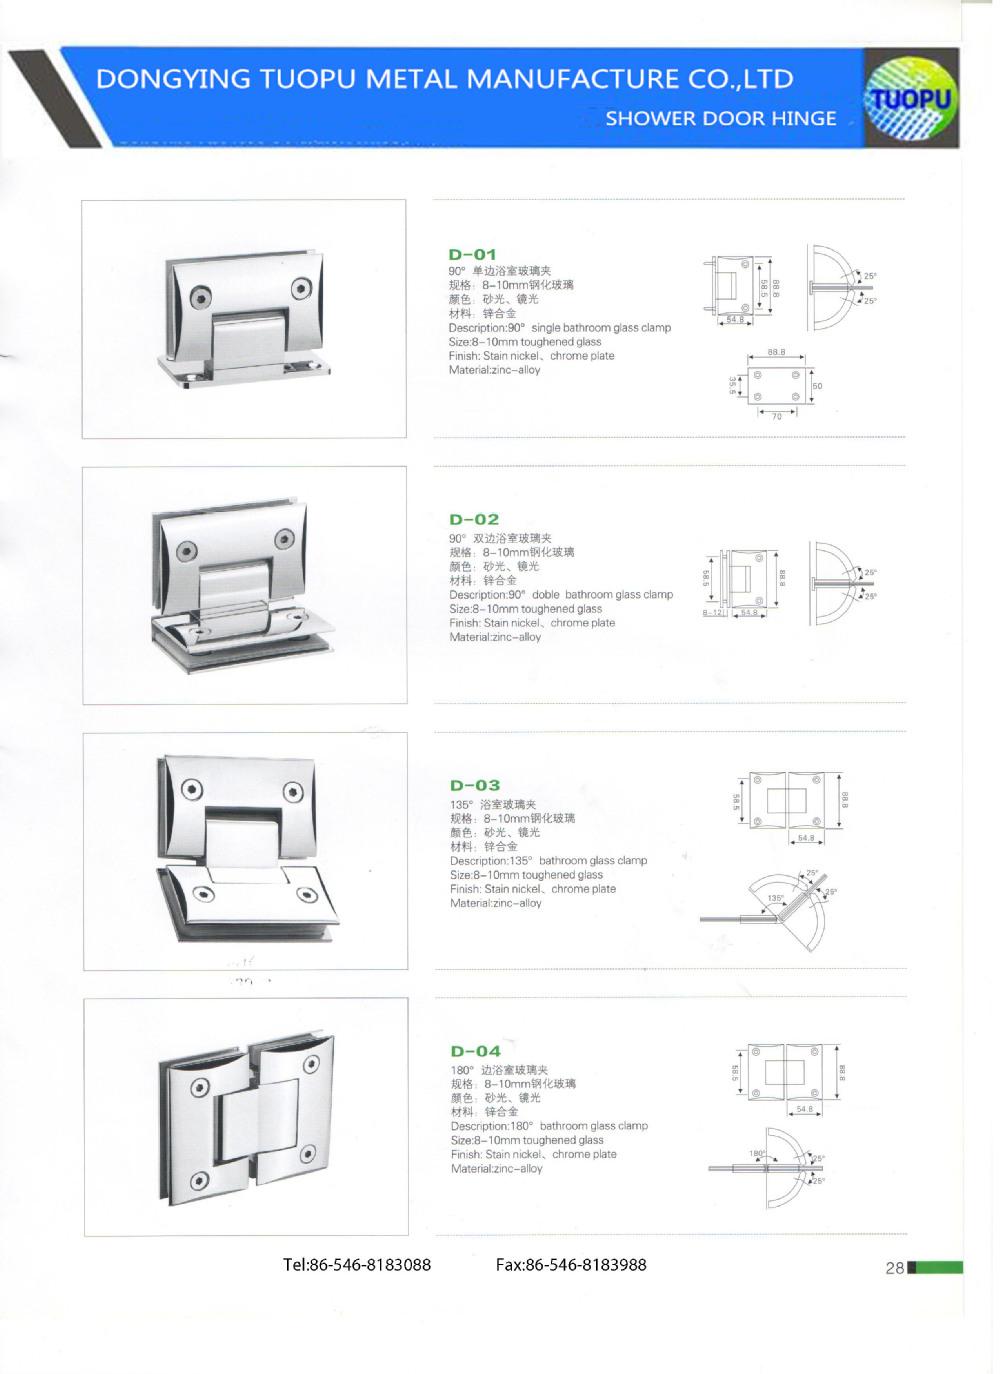 Sale China Bathroom Glass Door HingesAdjustable Shower Glass - Bathroom door hinges